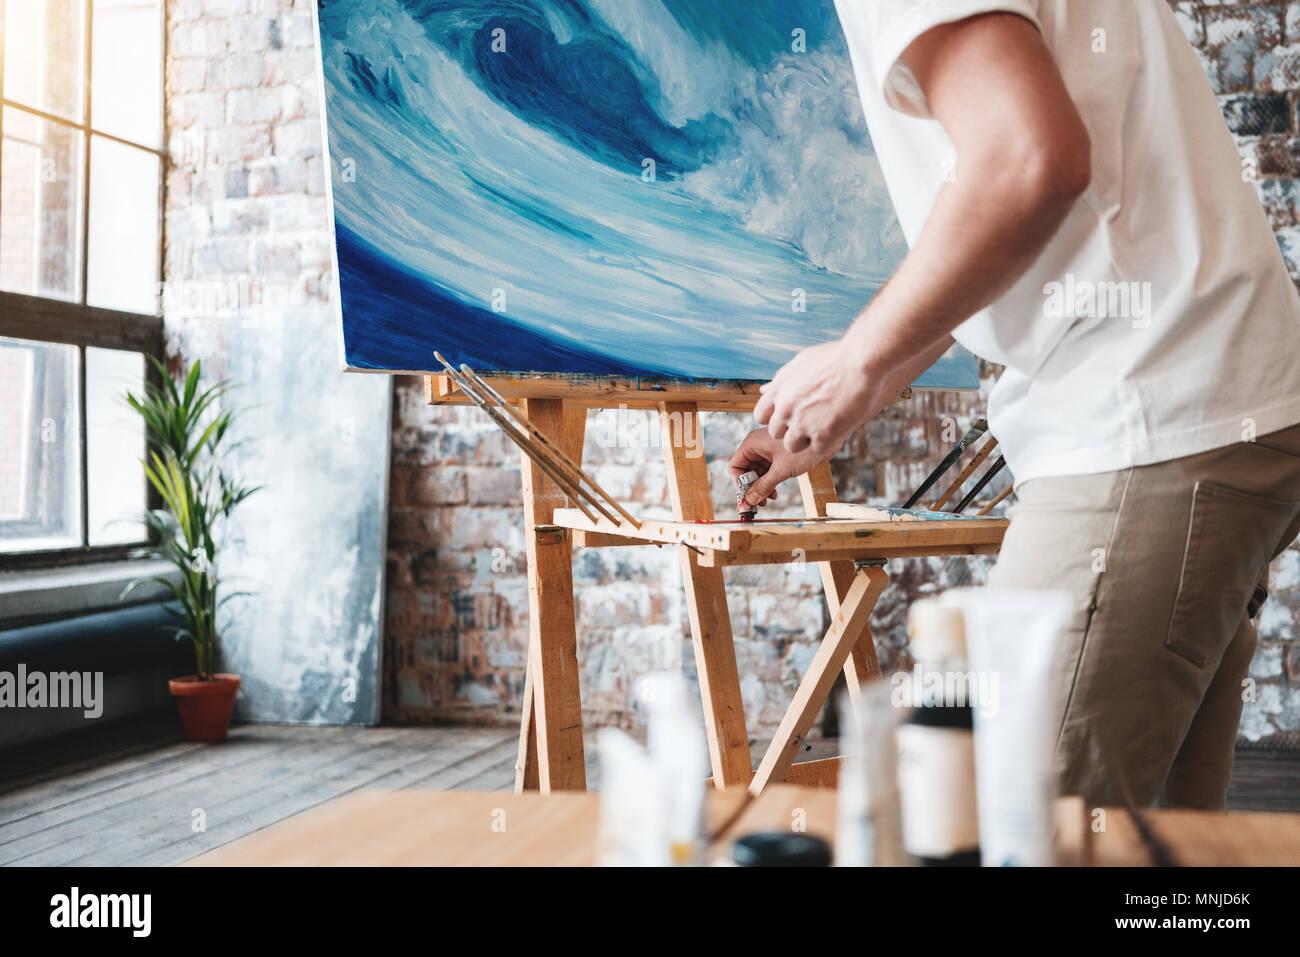 Obra del artista en el art studio cerca de caballete con lona. Pintor pinta un cuadro con las pinturas de aceite en el desván. Taller de dibujo. Clase creativa Imagen De Stock